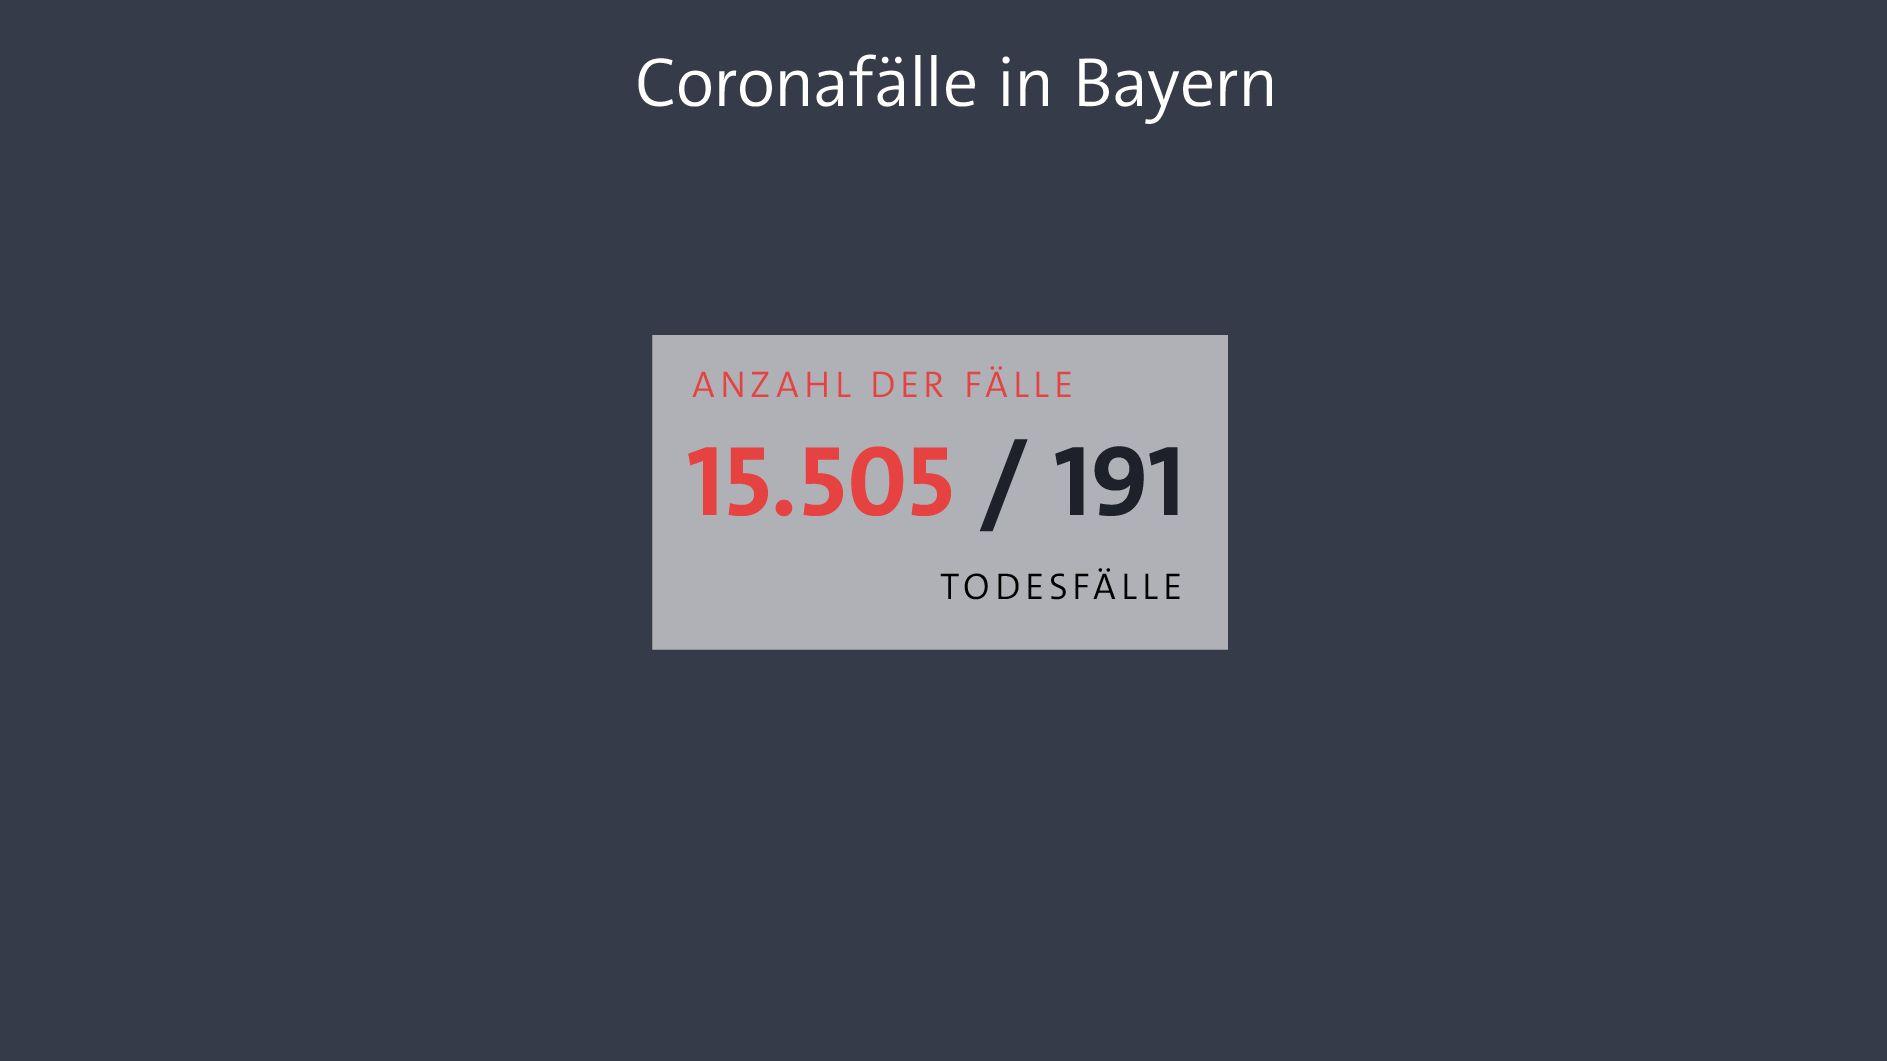 Fallzahlen für Bayern am 31.03.2020: 15.505, 191 Todesfälle (Quelle: Bayerisches Landesamt für Gesundheit und Lebensmittelsicherheit)